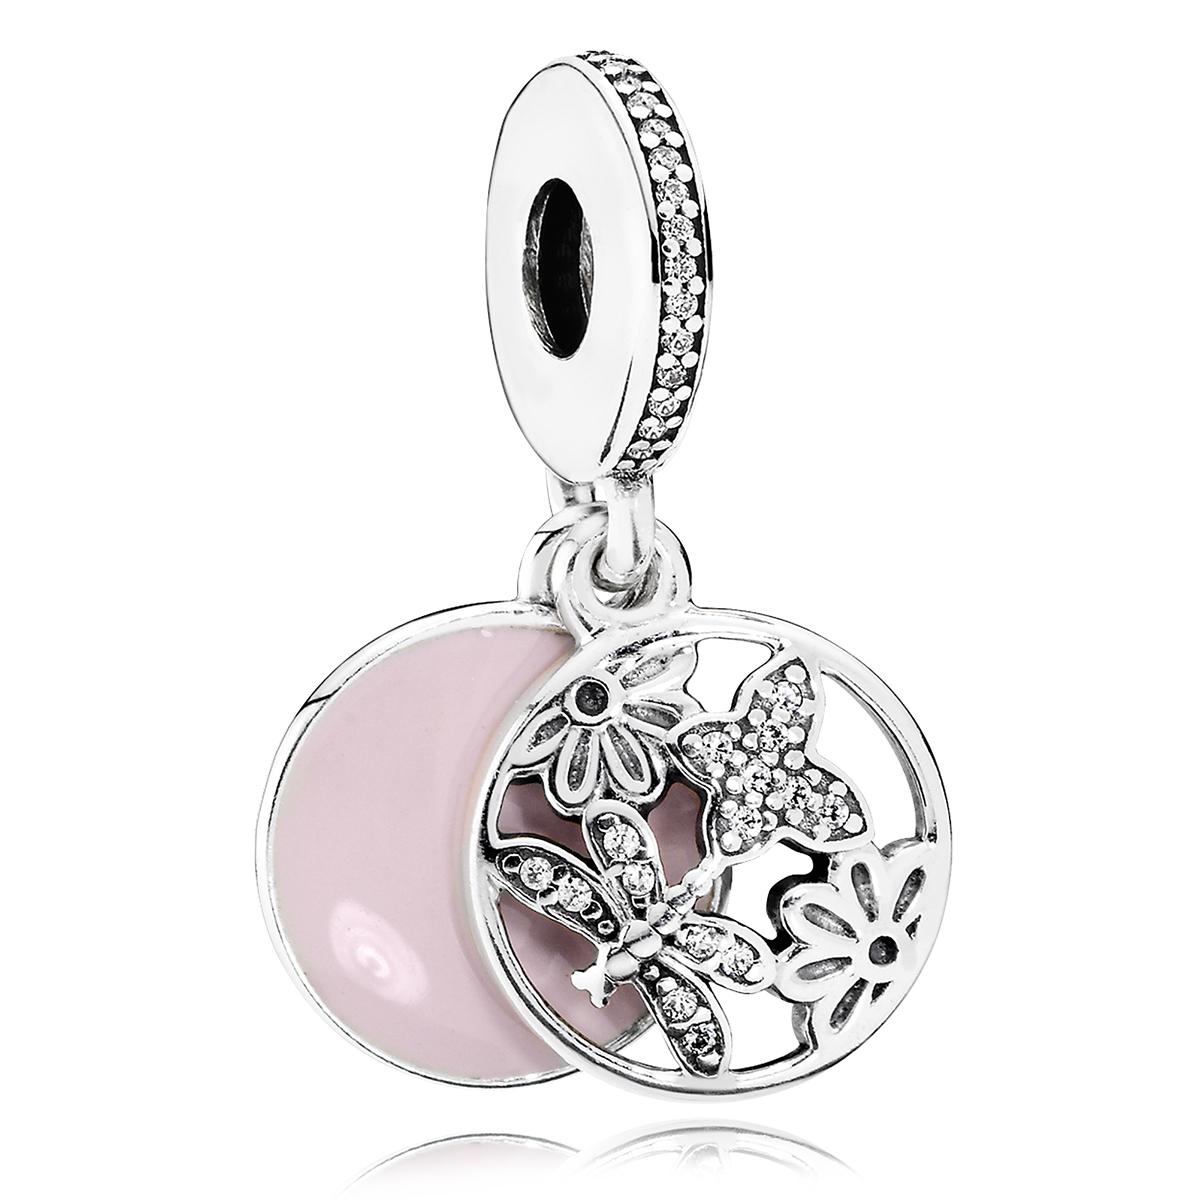 9ec91e3db ... necklace 0badc d61c3; authentic springtime dangle pandora  pancharmbracelets 689fd 6afc5